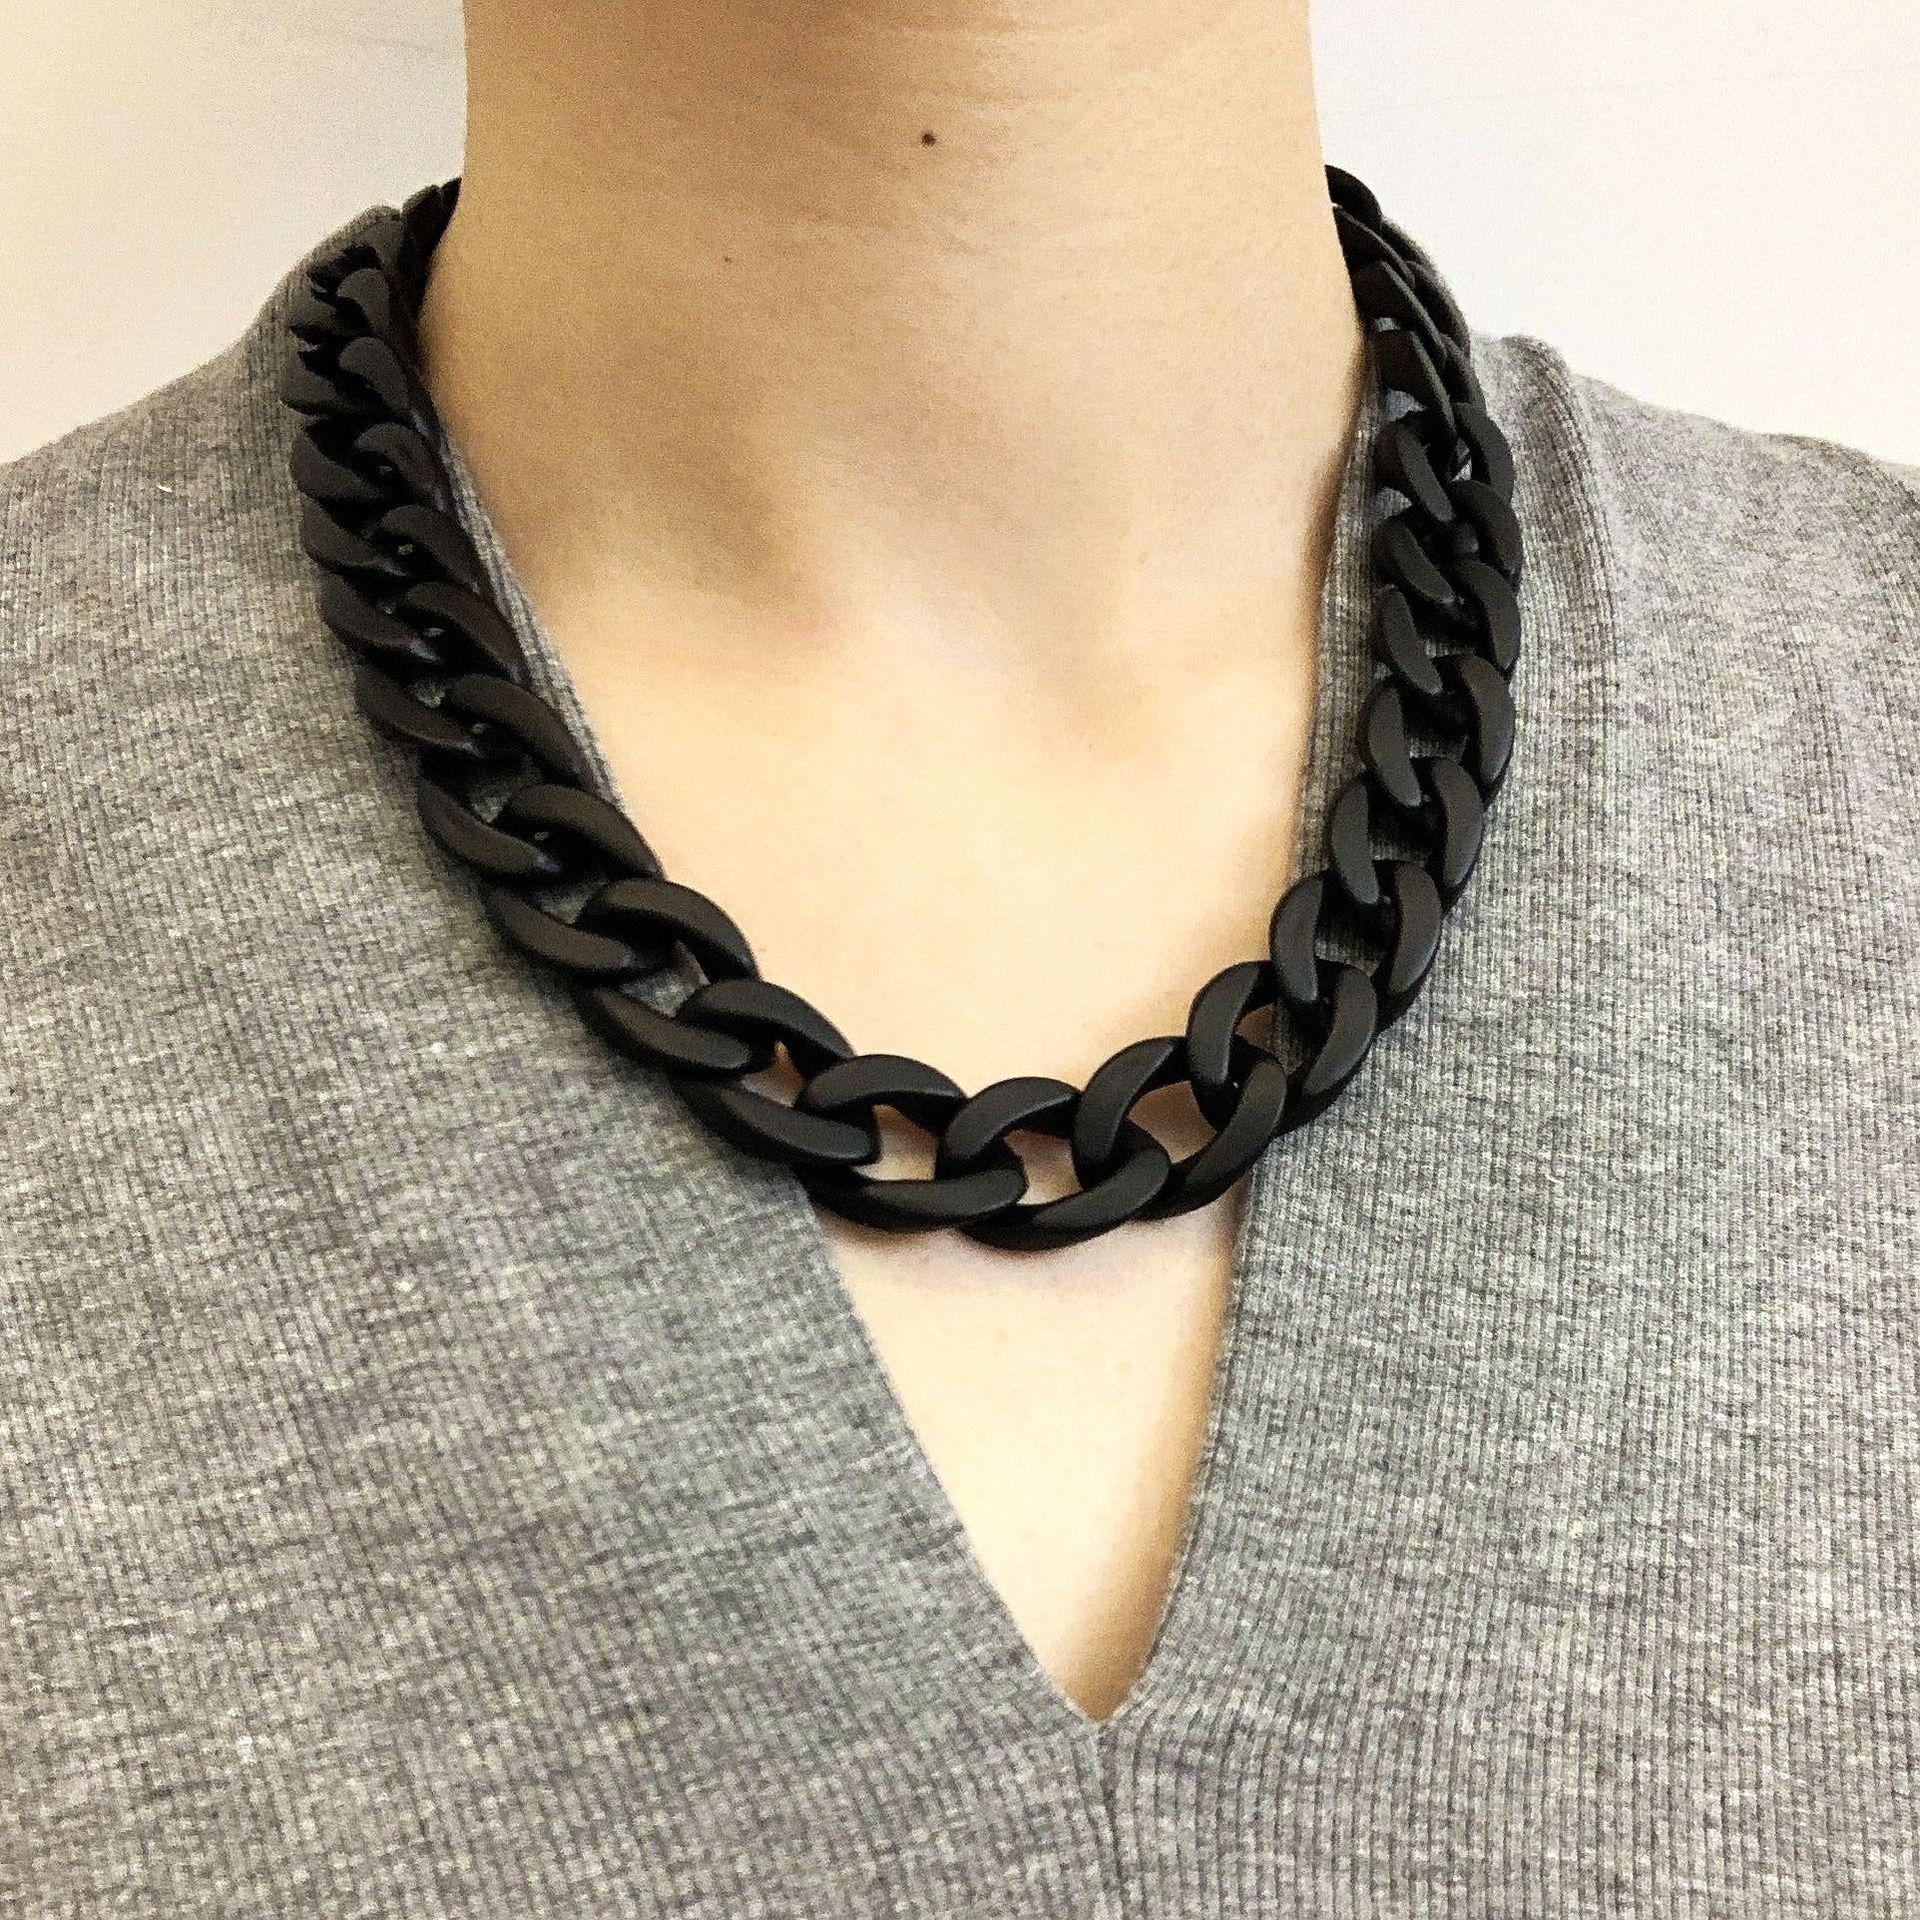 Europeu e americano popular simples jóias com personalidade acrílica corrente clavícula corrente colar para feminino atacado